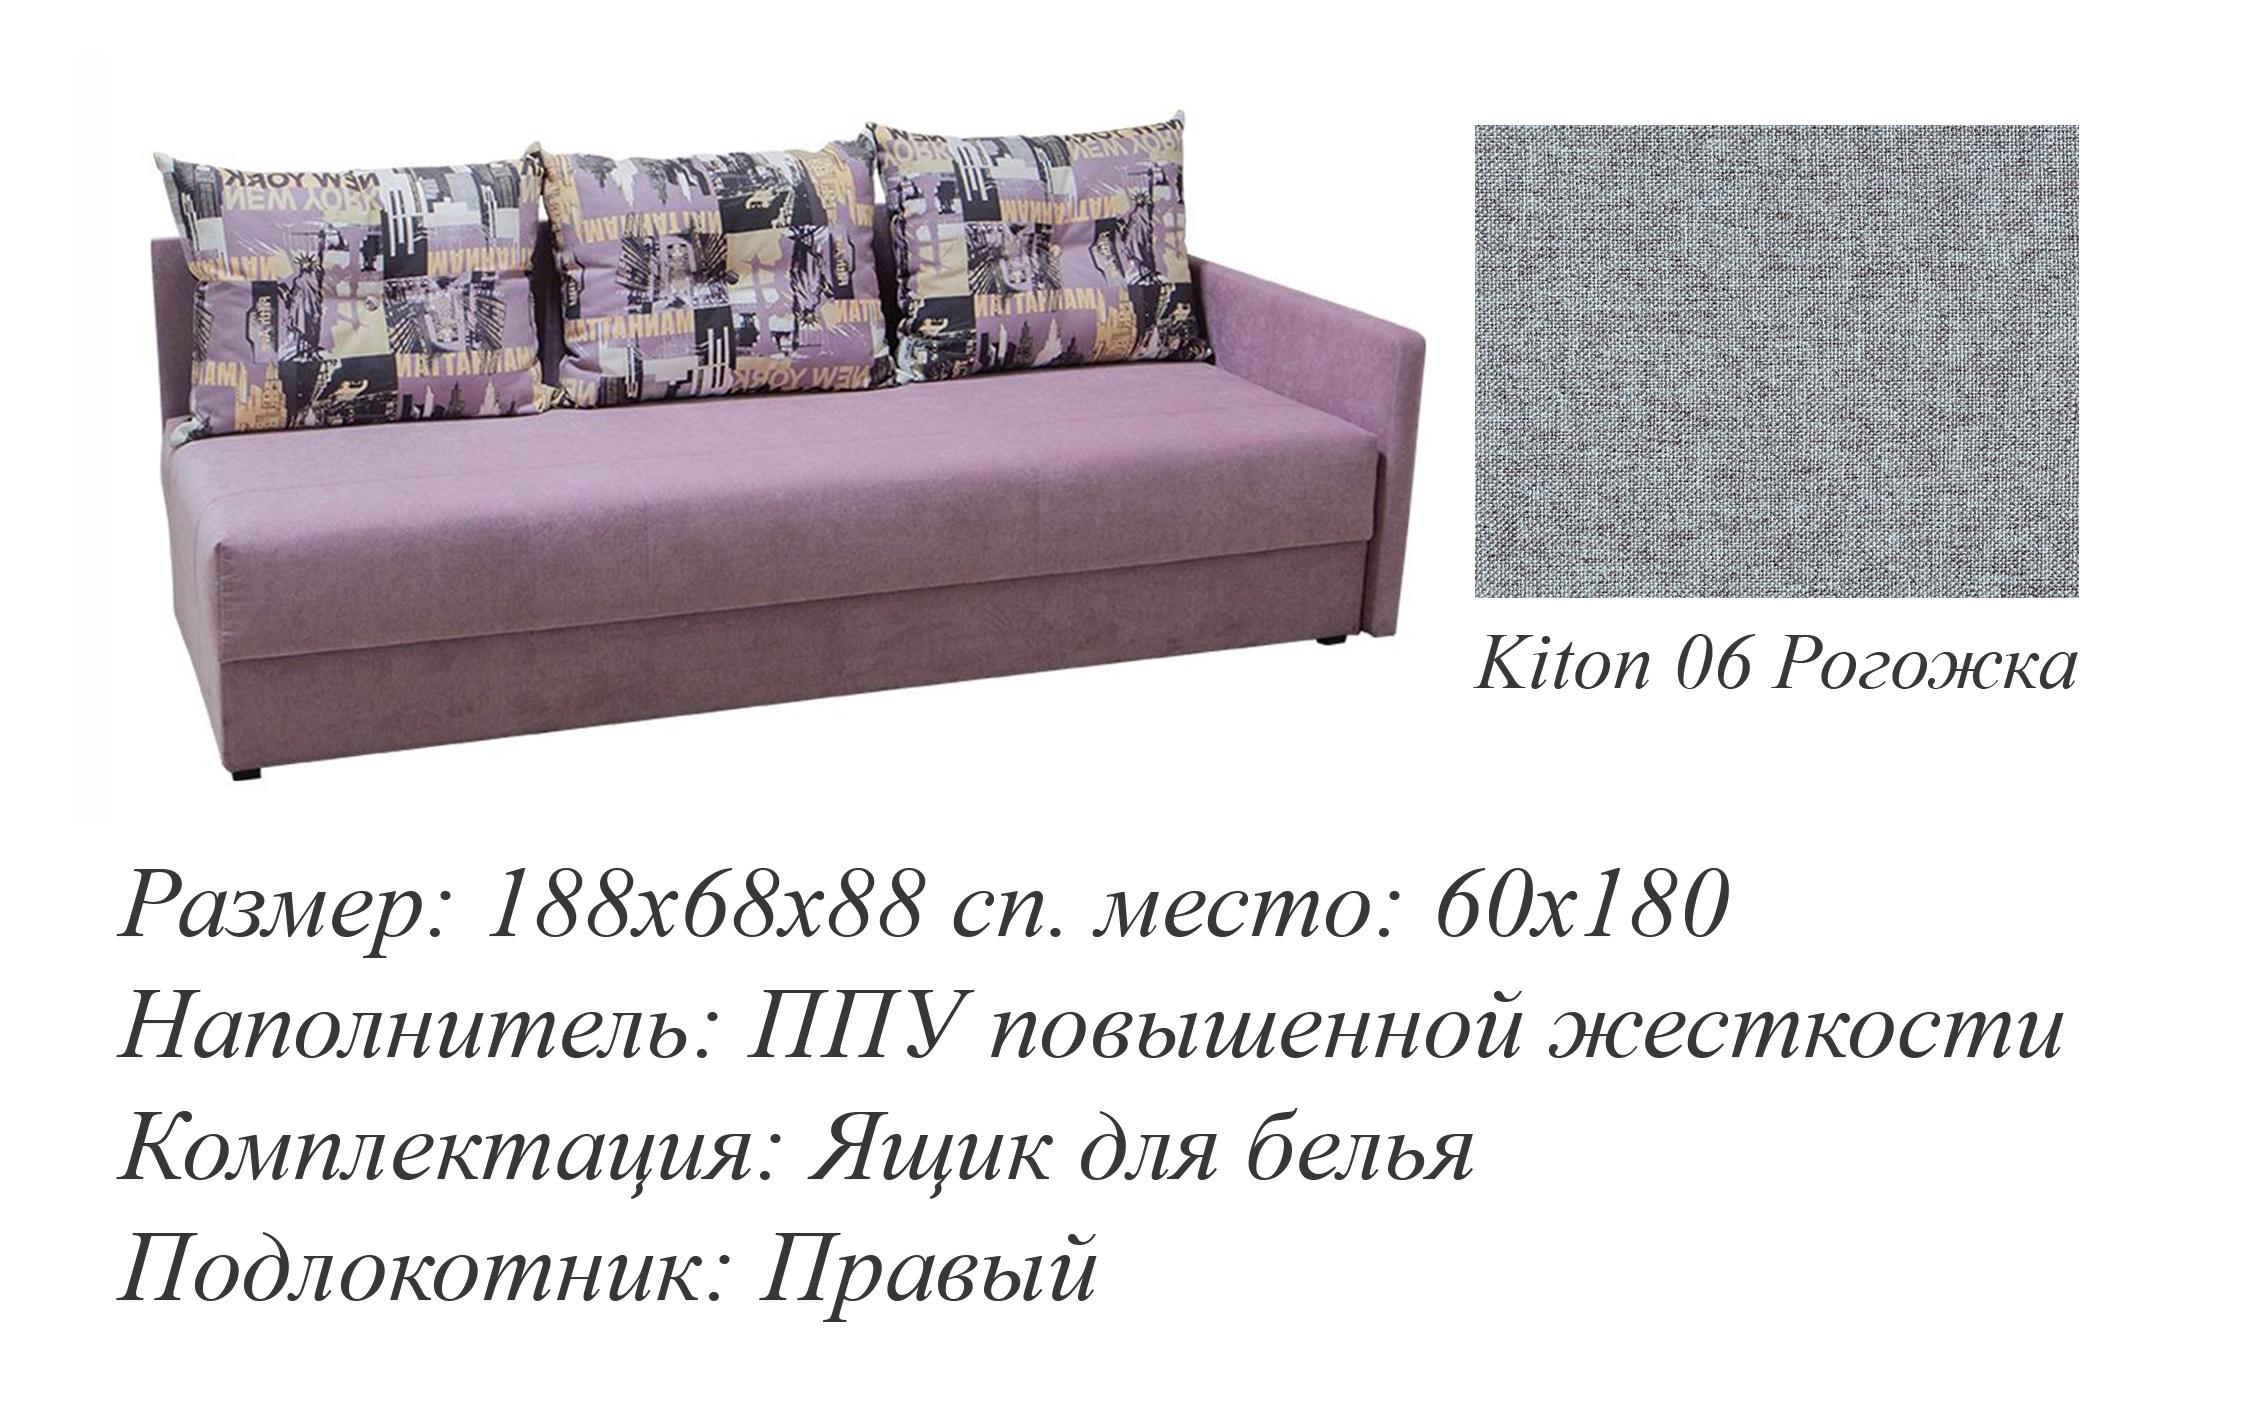 Кушетка Адара м137 — Кушетка Адара